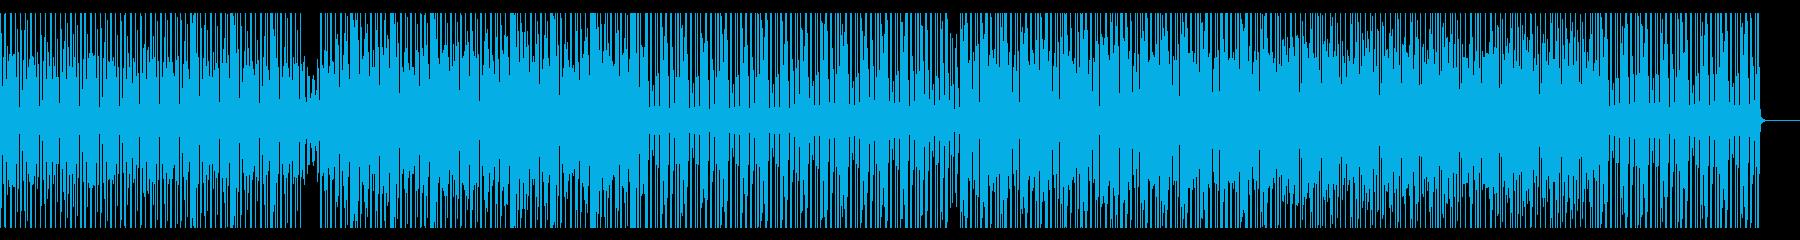 徐々に盛り上がっていくテクノBGMの再生済みの波形